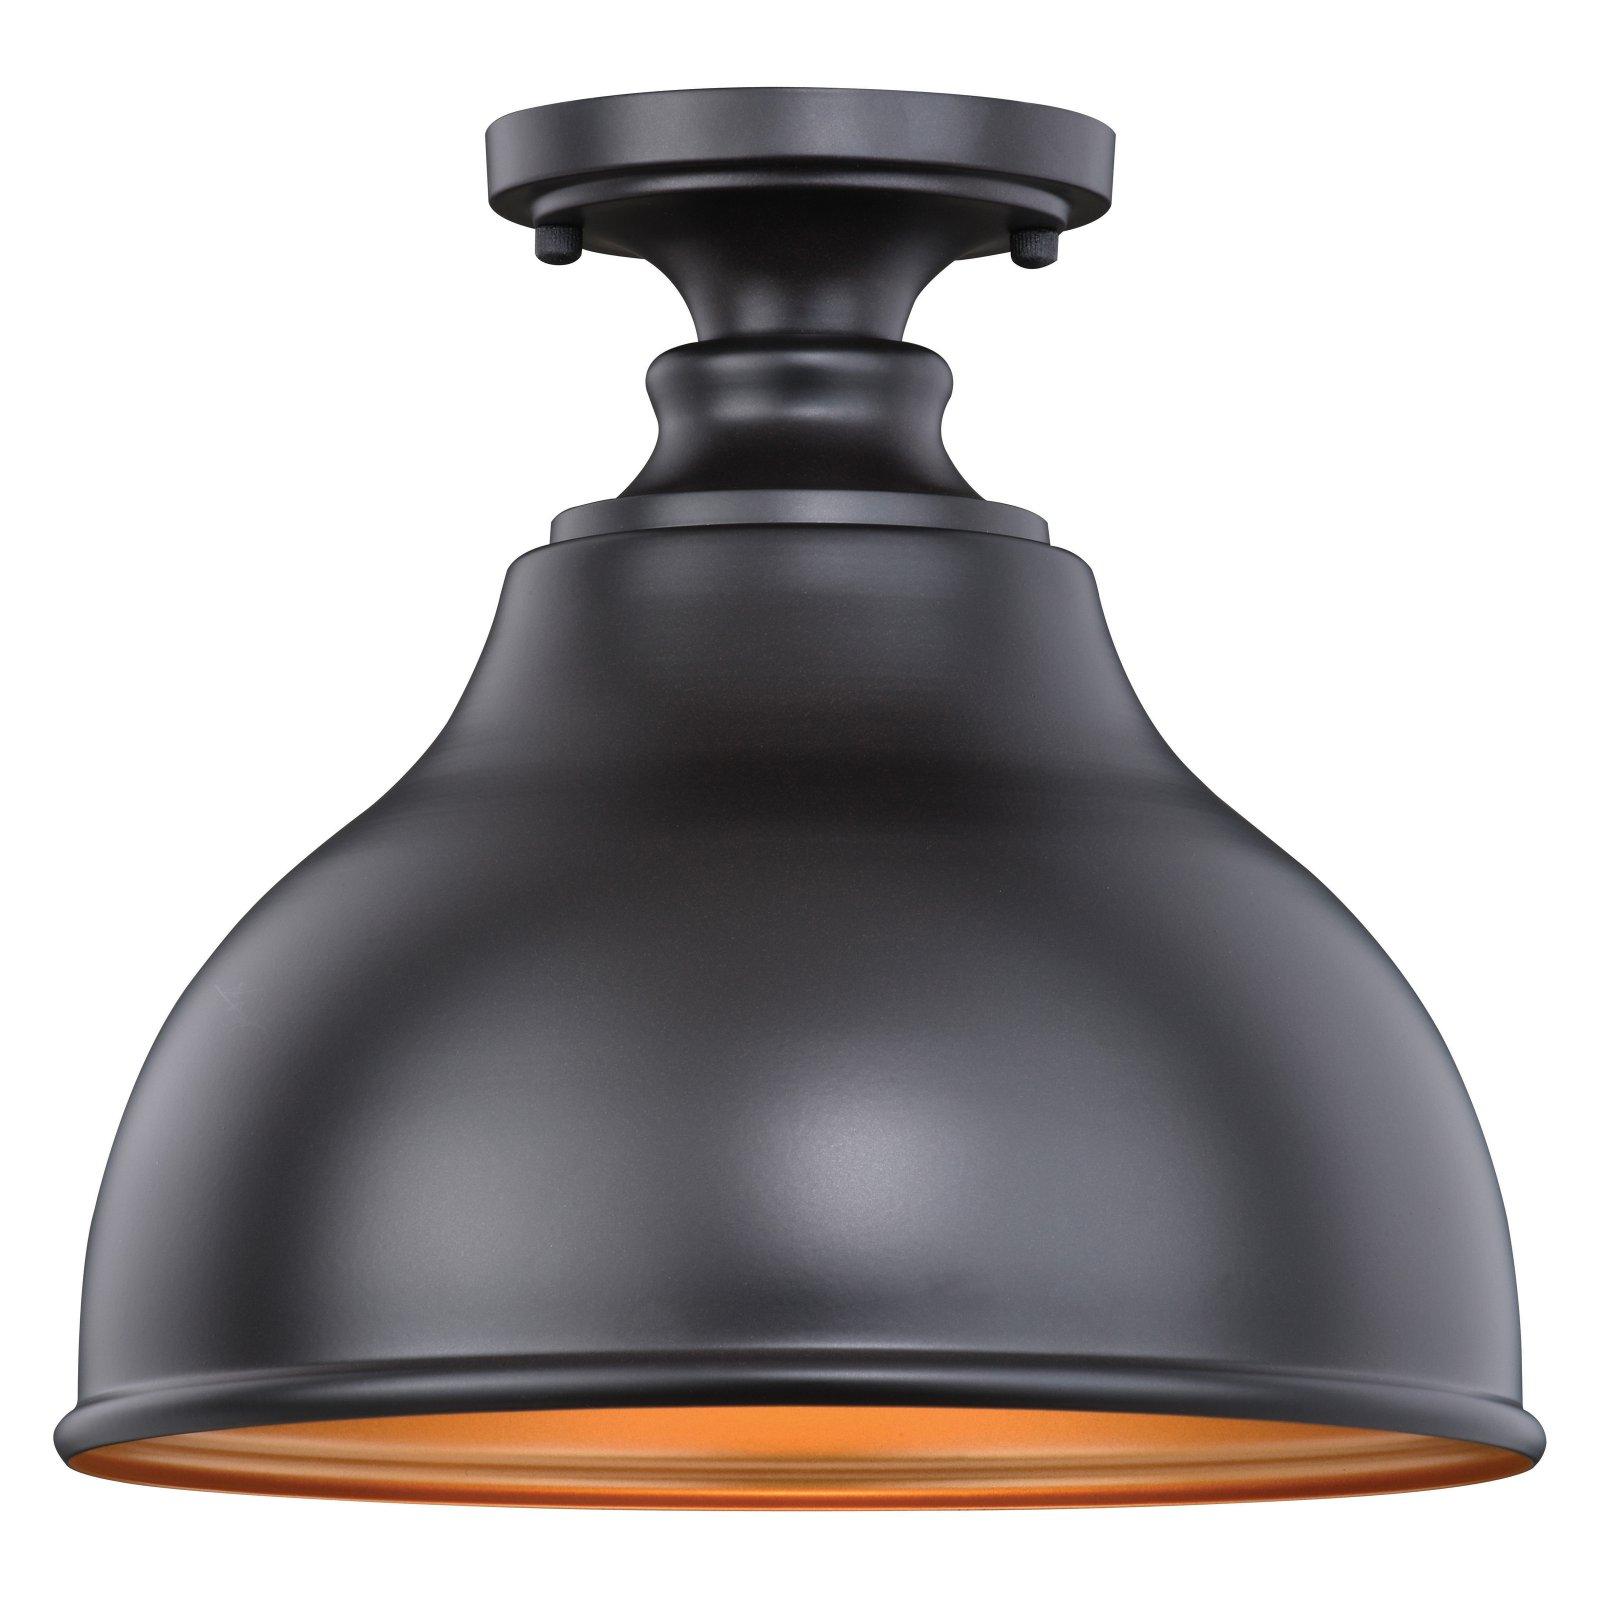 Vaxcel Delano T0315 Outdoor Semi Flush Mount Light